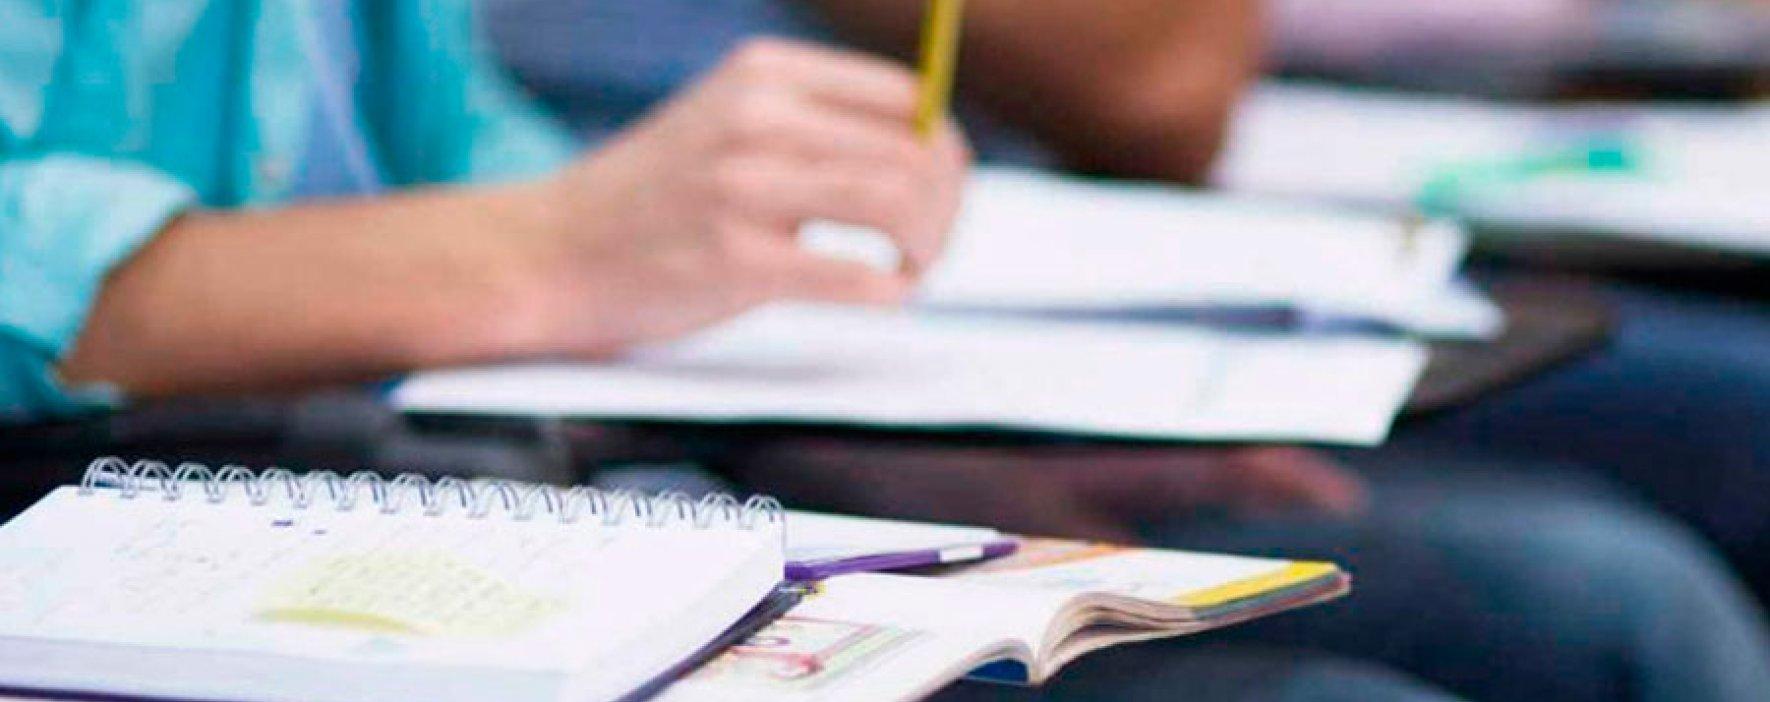 Construyendo puentes entre universidades y organizaciones empresariales